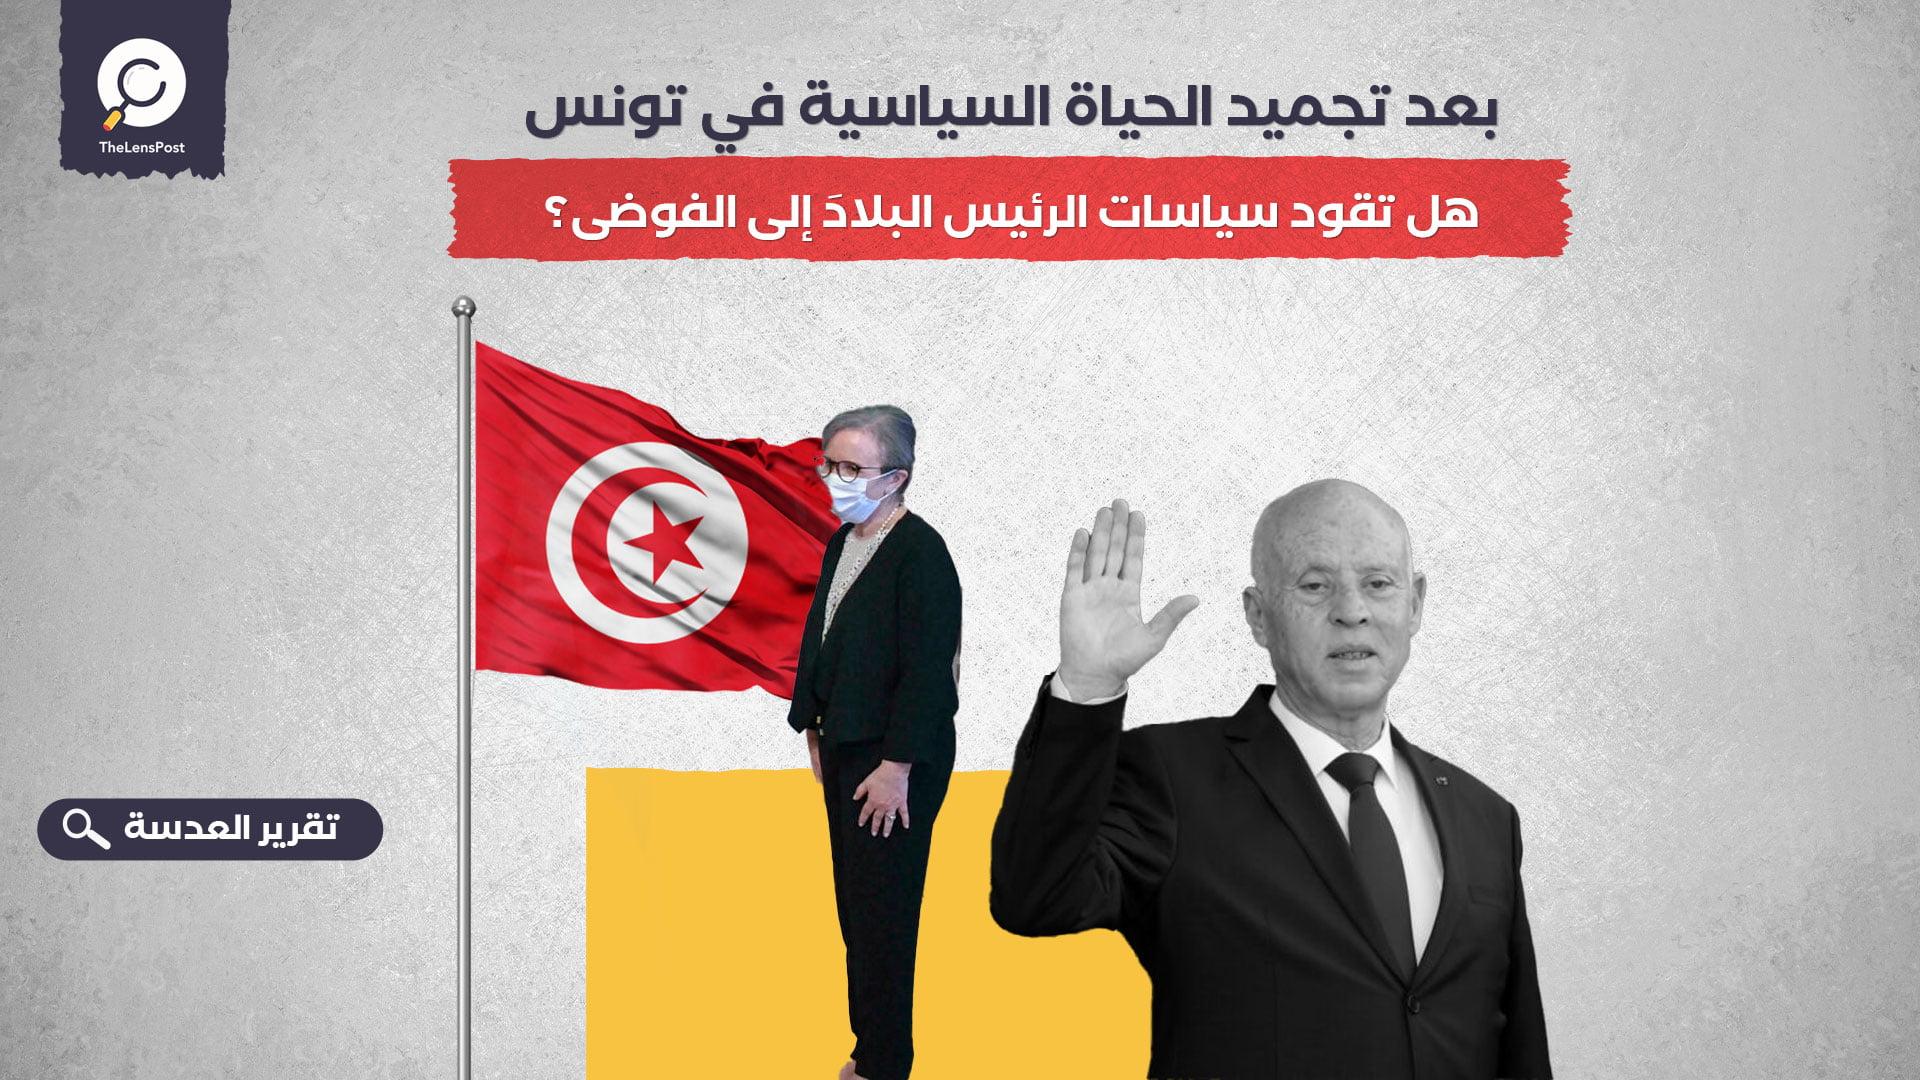 بعد تجميد الحياة السياسية في تونس.. هل تقود سياسات الرئيس البلادَ إلى الفوضى؟